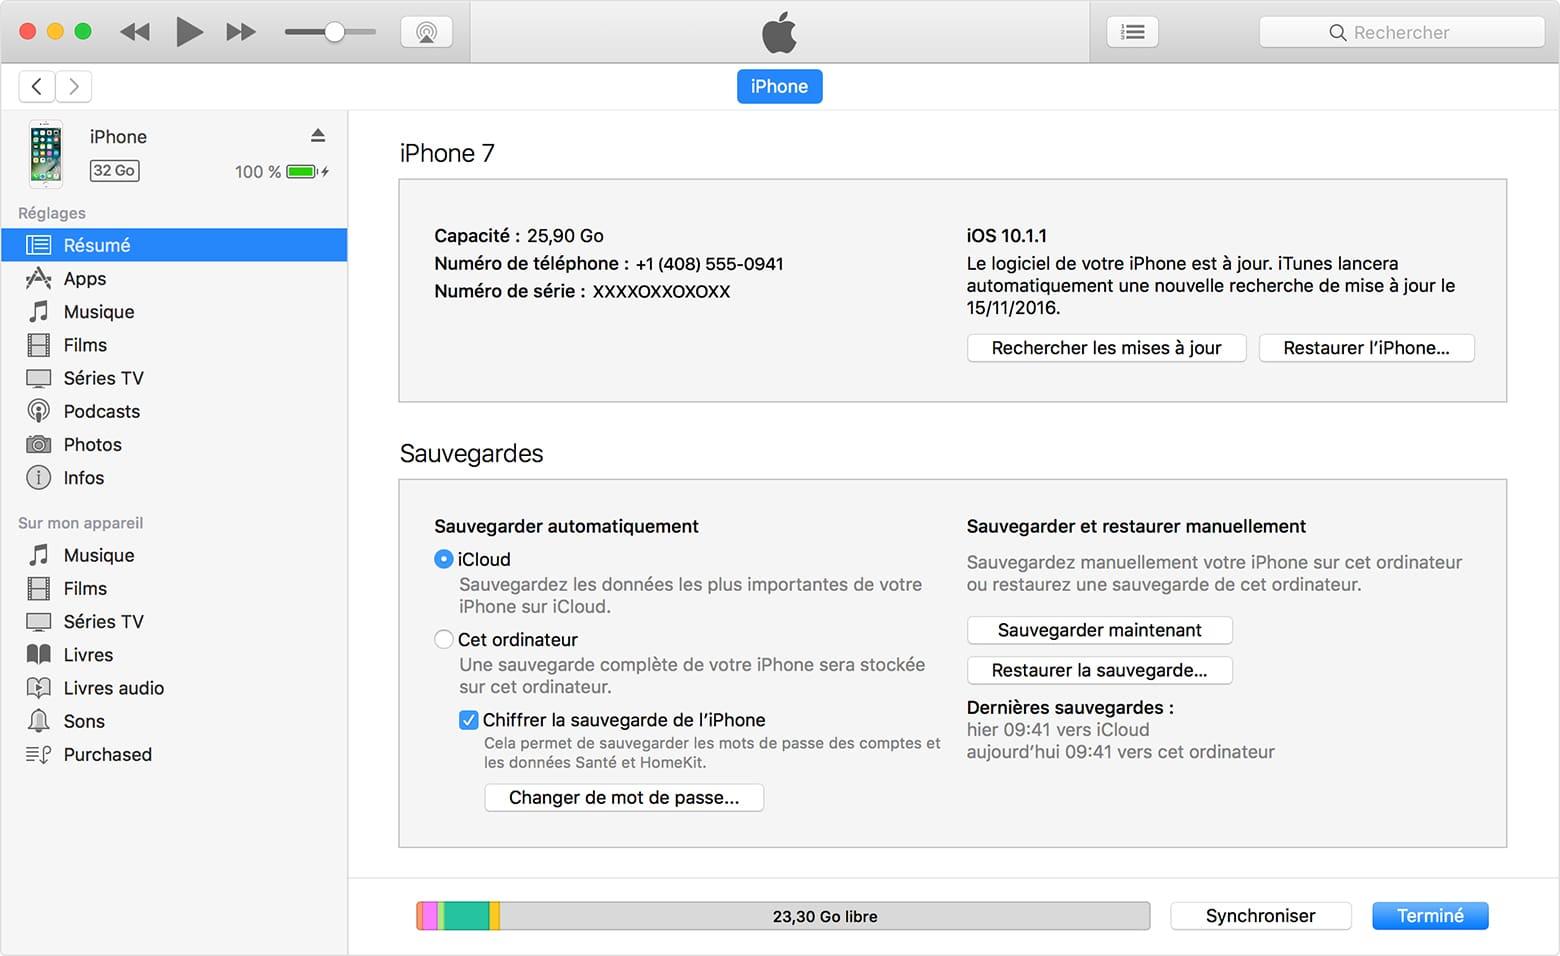 Page des réglages d'un iPhone